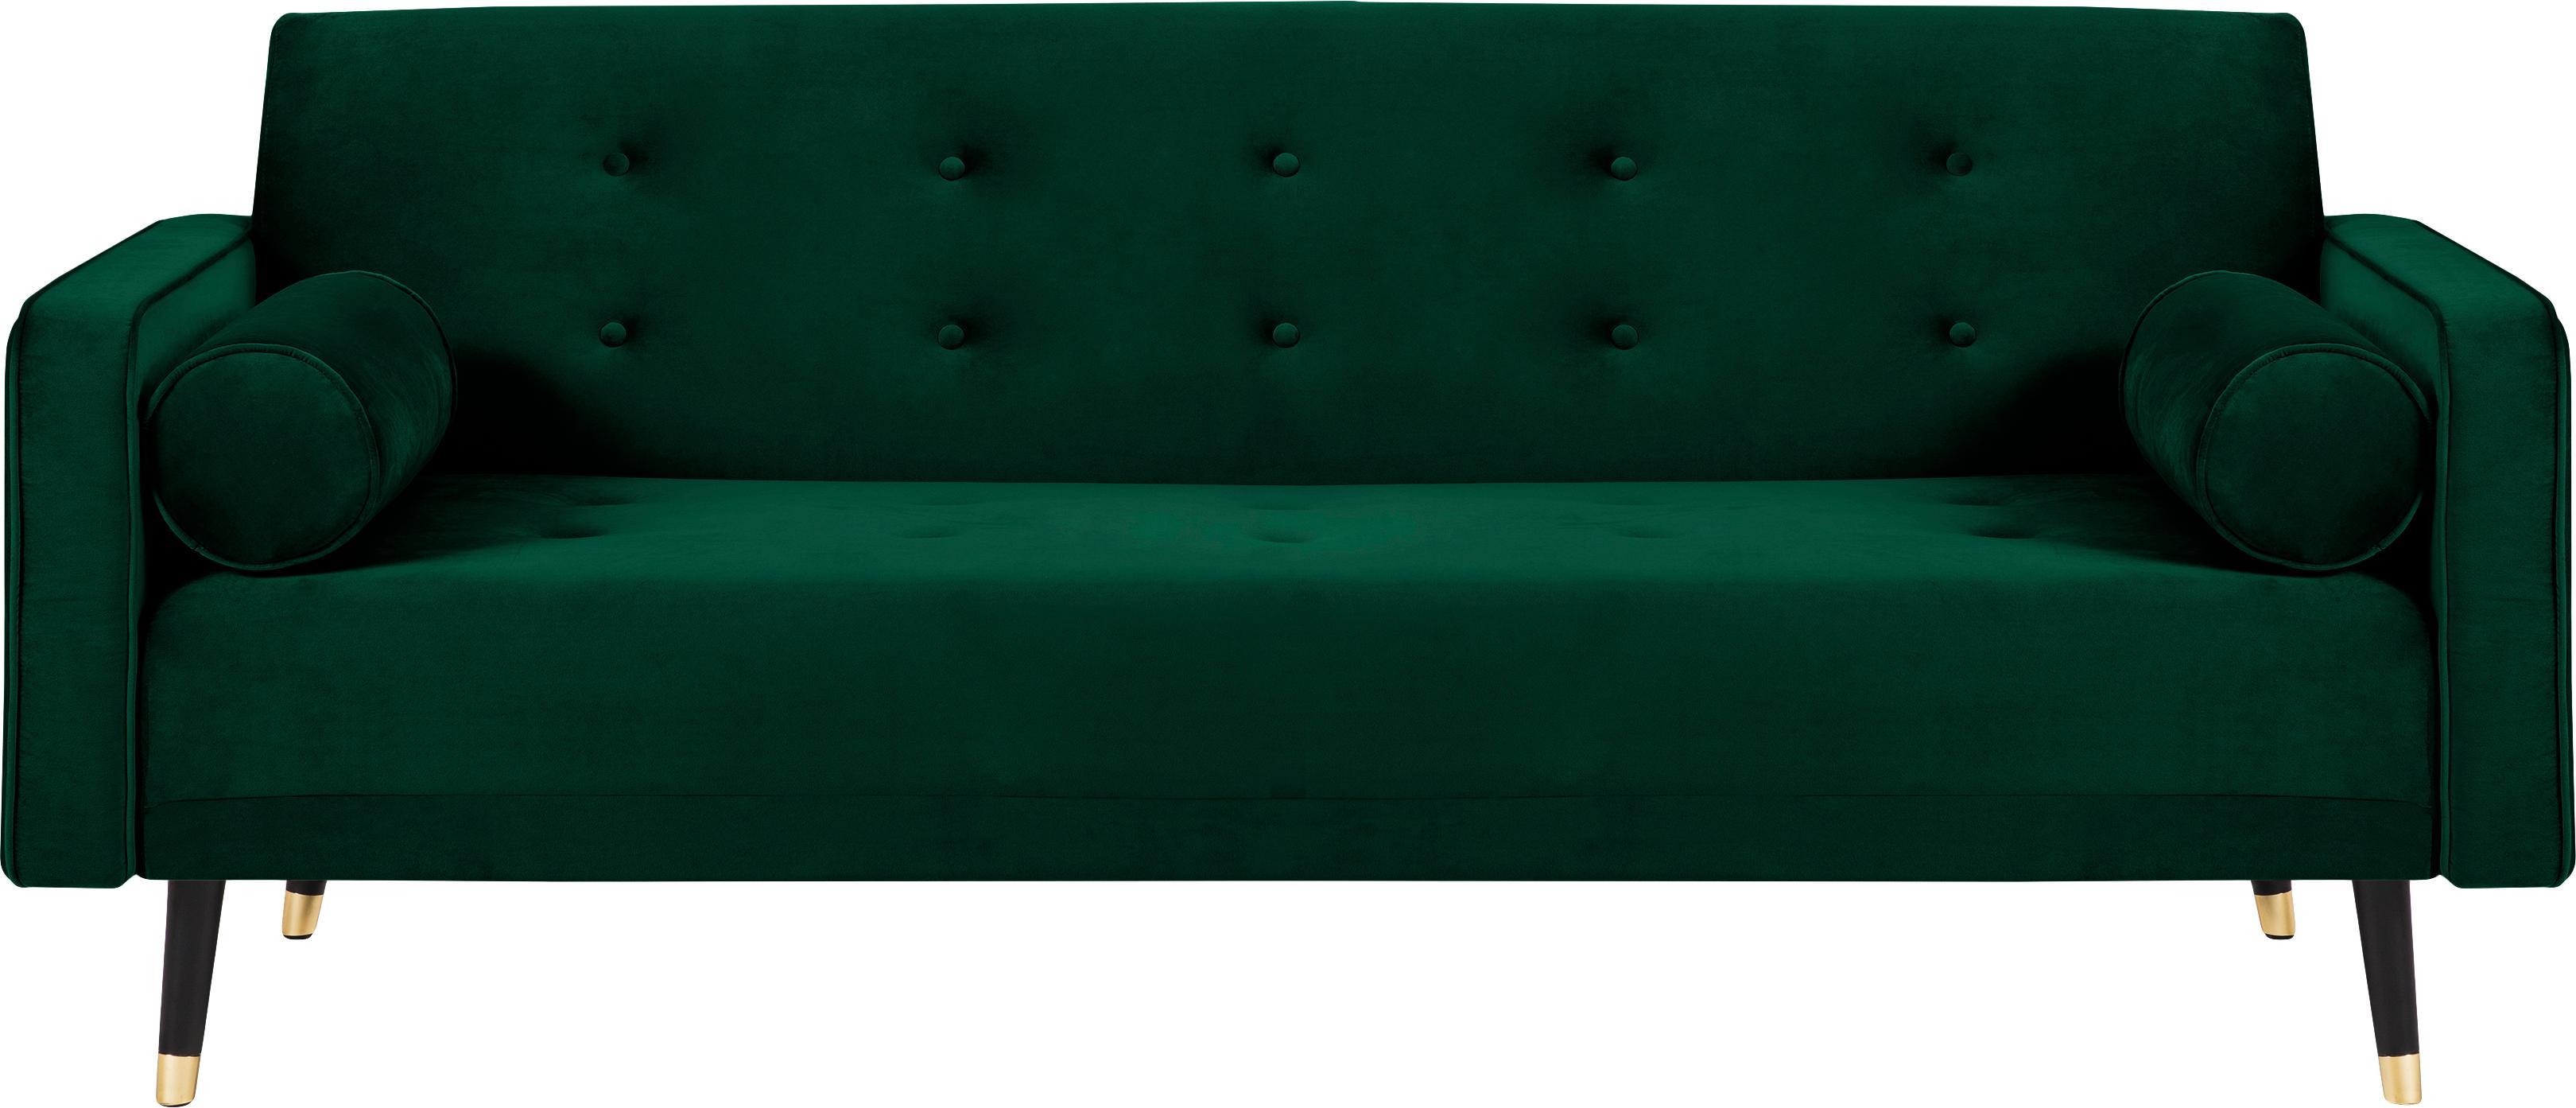 Divano letto 3 posti in velluto verde scuro Gia, Rivestimento: velluto di poliestere, Cornice: legno di pino massiccio, Sottostruttura: truciolato, compensato, m, Piedini: legno di faggio, vernicia, Velluto verde scuro, Larg. 212 x Prof. 93 cm